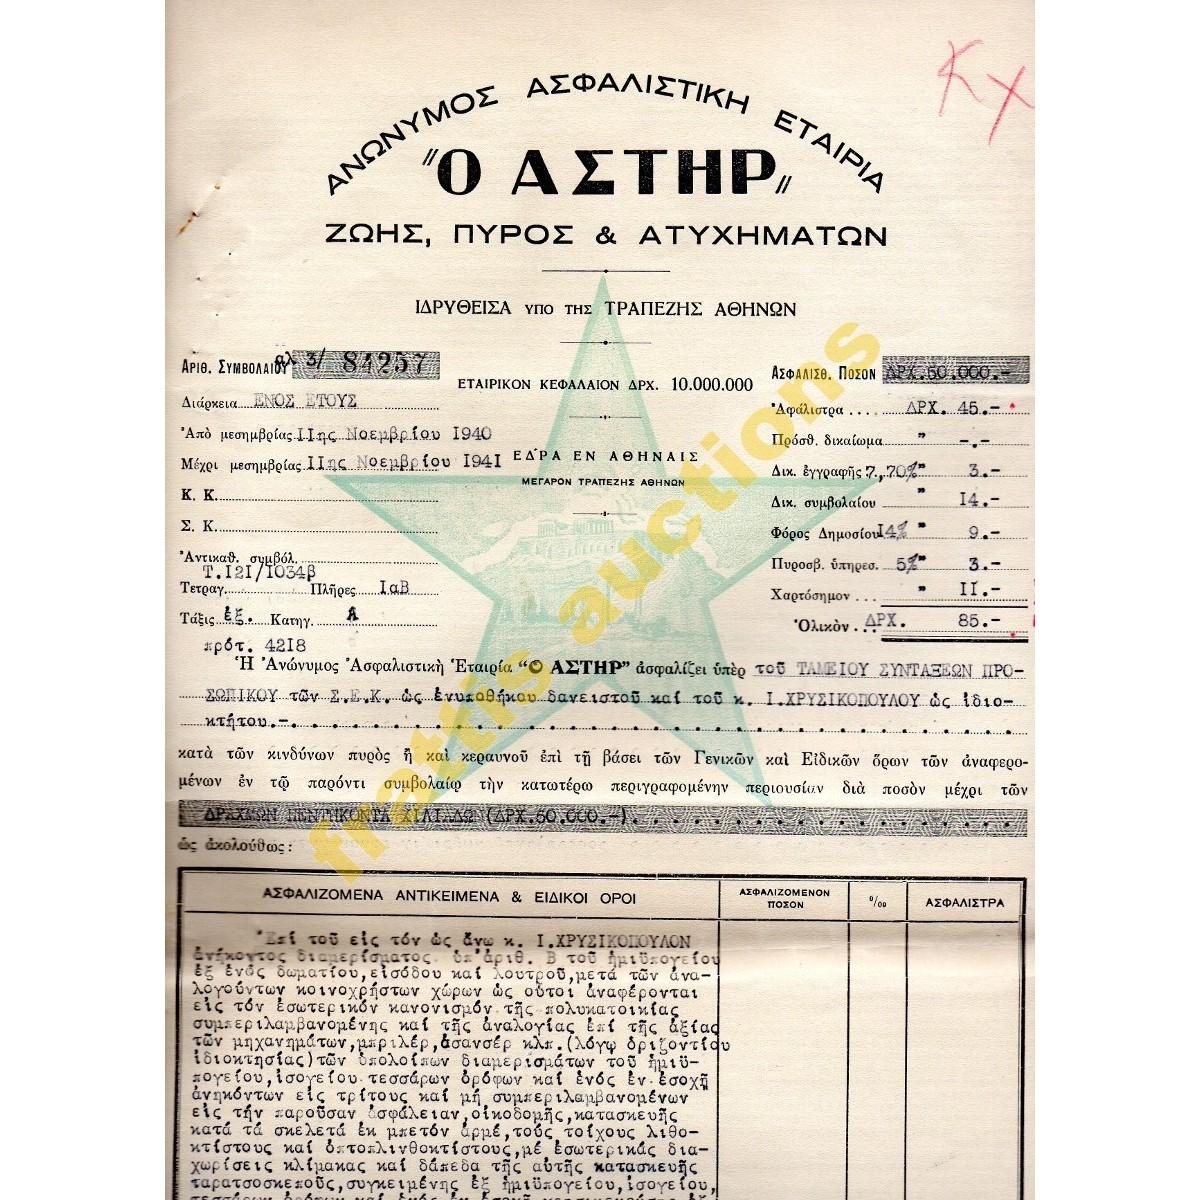 """""""Ο ΑΣΤΗΡ"""", Ασφαλιστήριο, απόδειξις  και πρόσθετος πράξις 1940"""